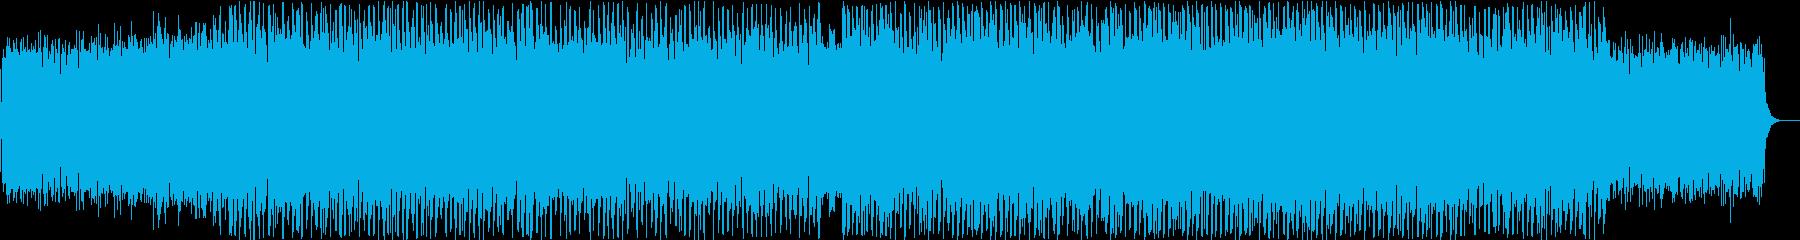 浮遊感のあるテクノポップの再生済みの波形